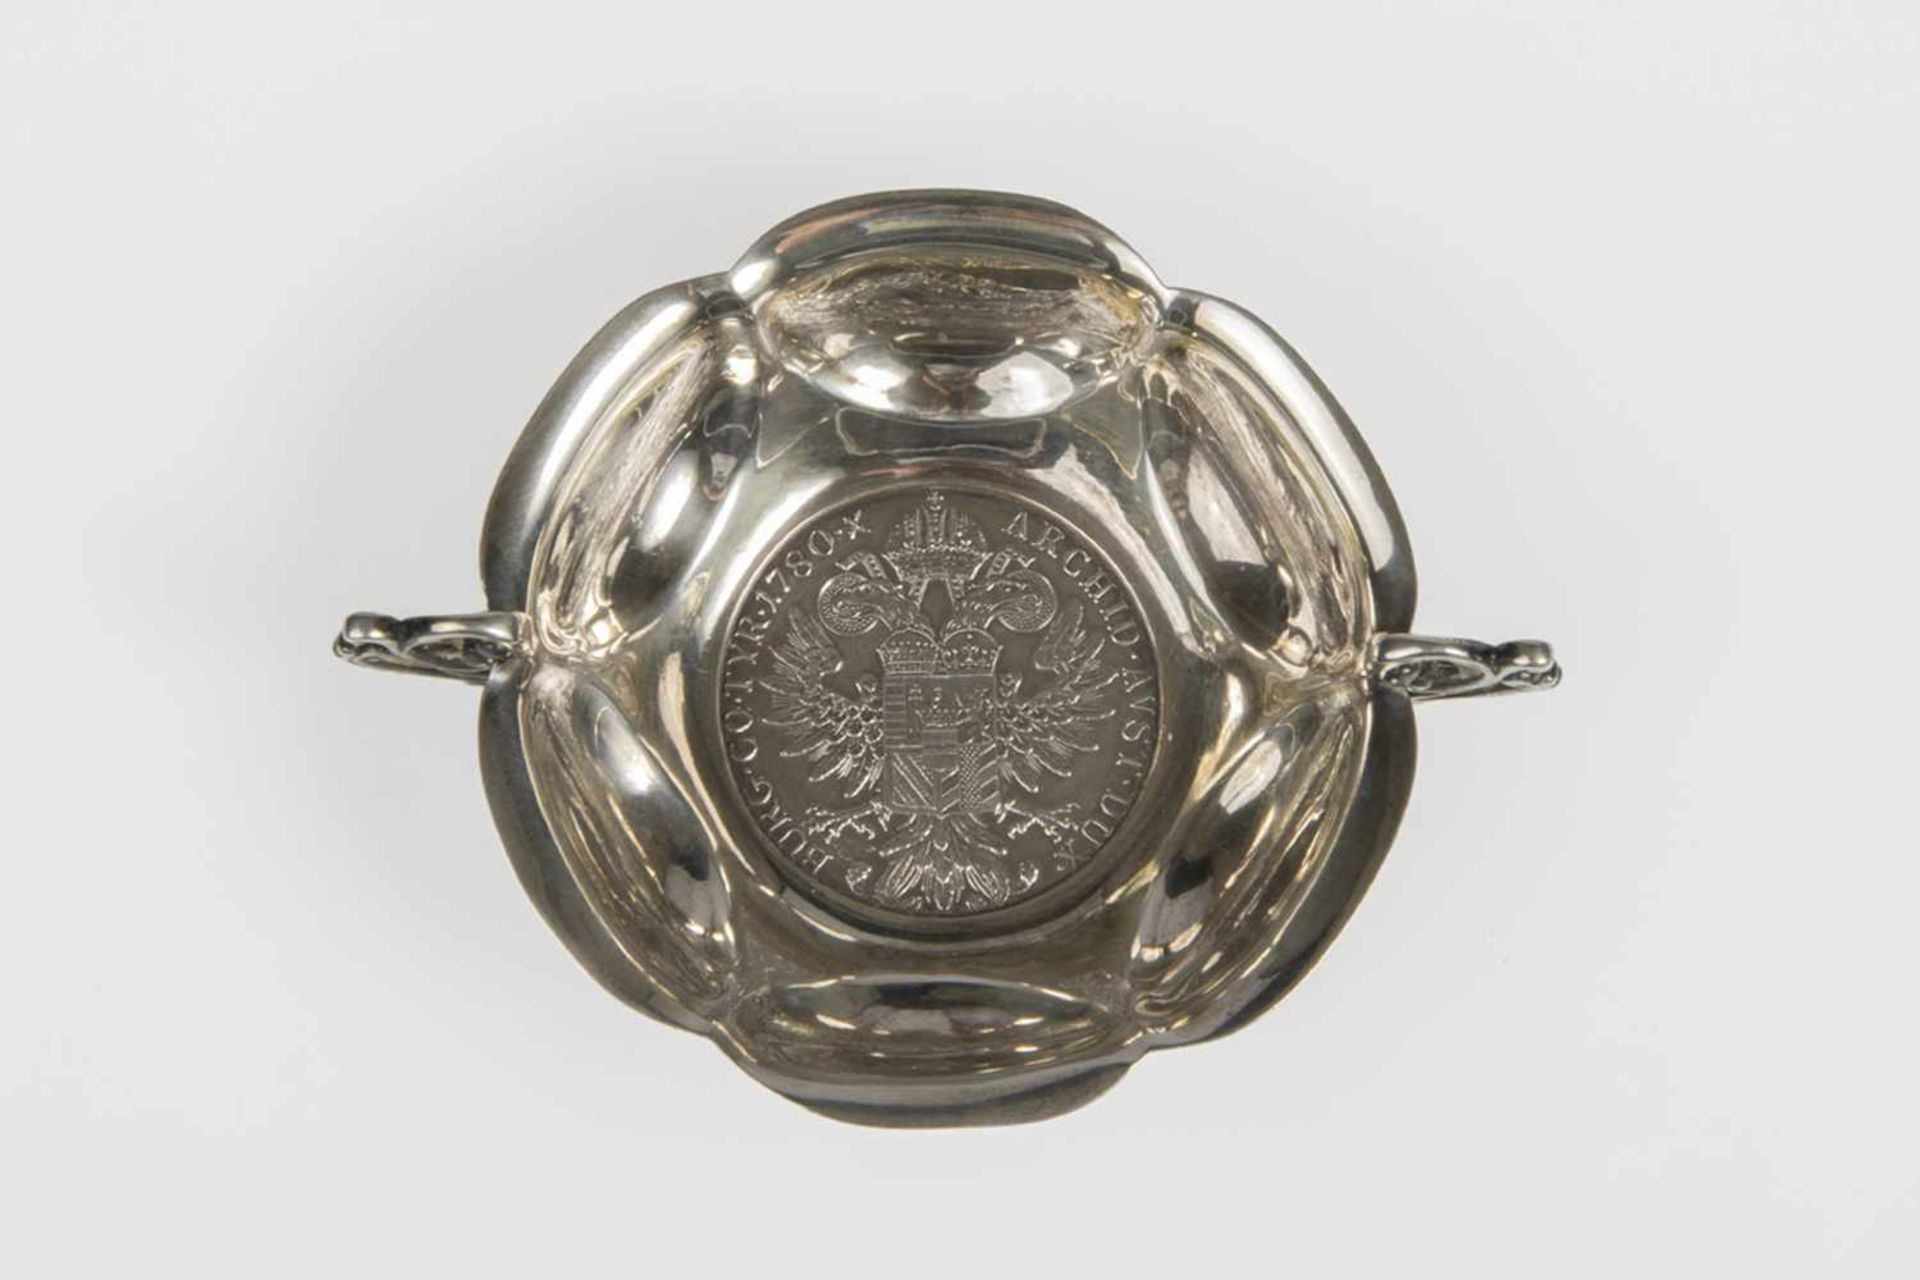 Los 45 - Henkelschälchen mit Münzeinlage, Maria Theresientaler, Silber 800, 67g, Dm.8,3cm;